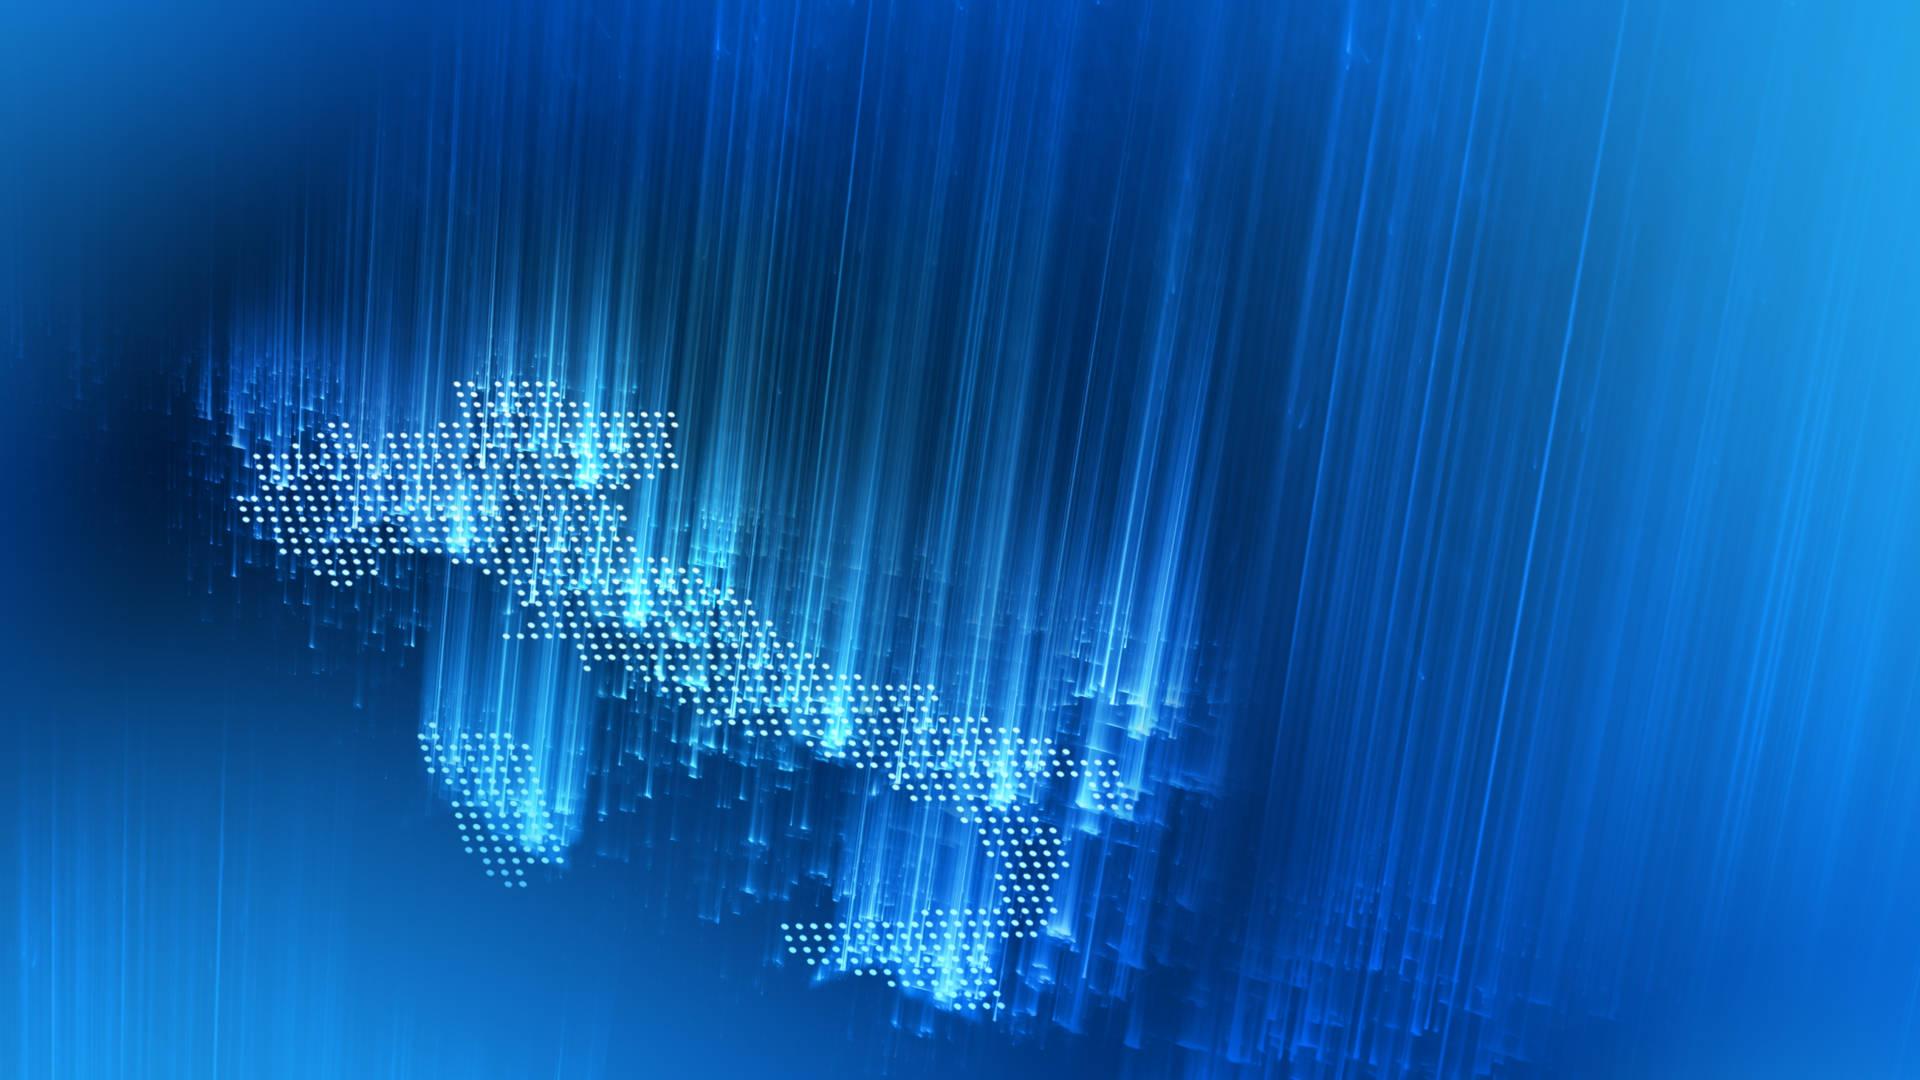 #TrasformazioneItalia: come rendere la tua impresa digitale e sicura – 21/04 h. 15,30